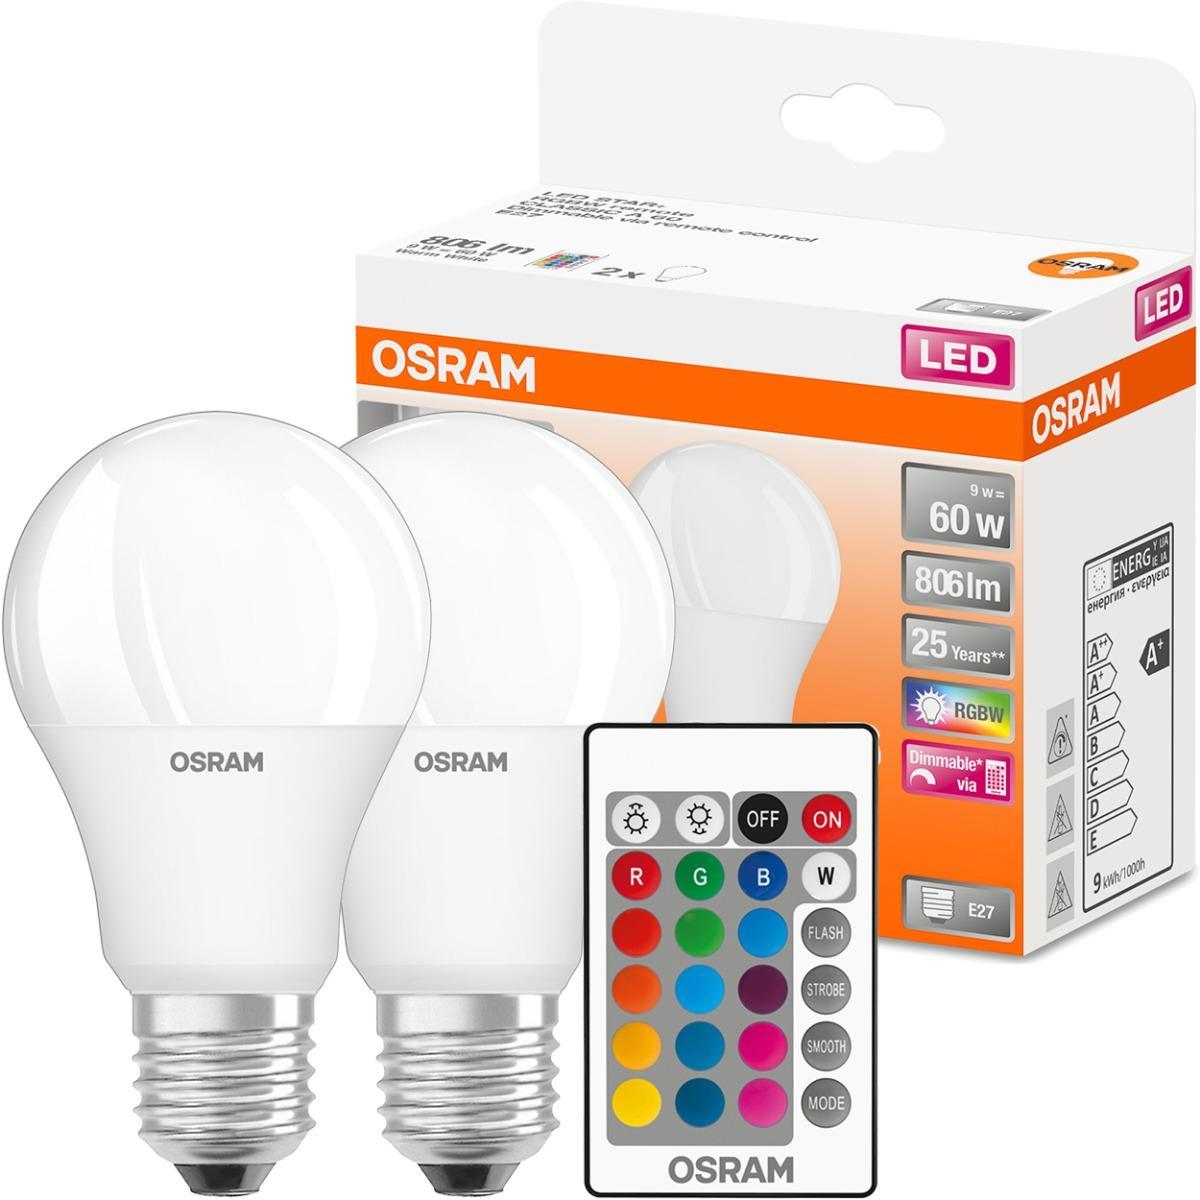 2x LED žárovka LED A60 E27 9W = 60W 806lm RGBW 180° OSRAM Star + Ovladač OSRLEDH0330